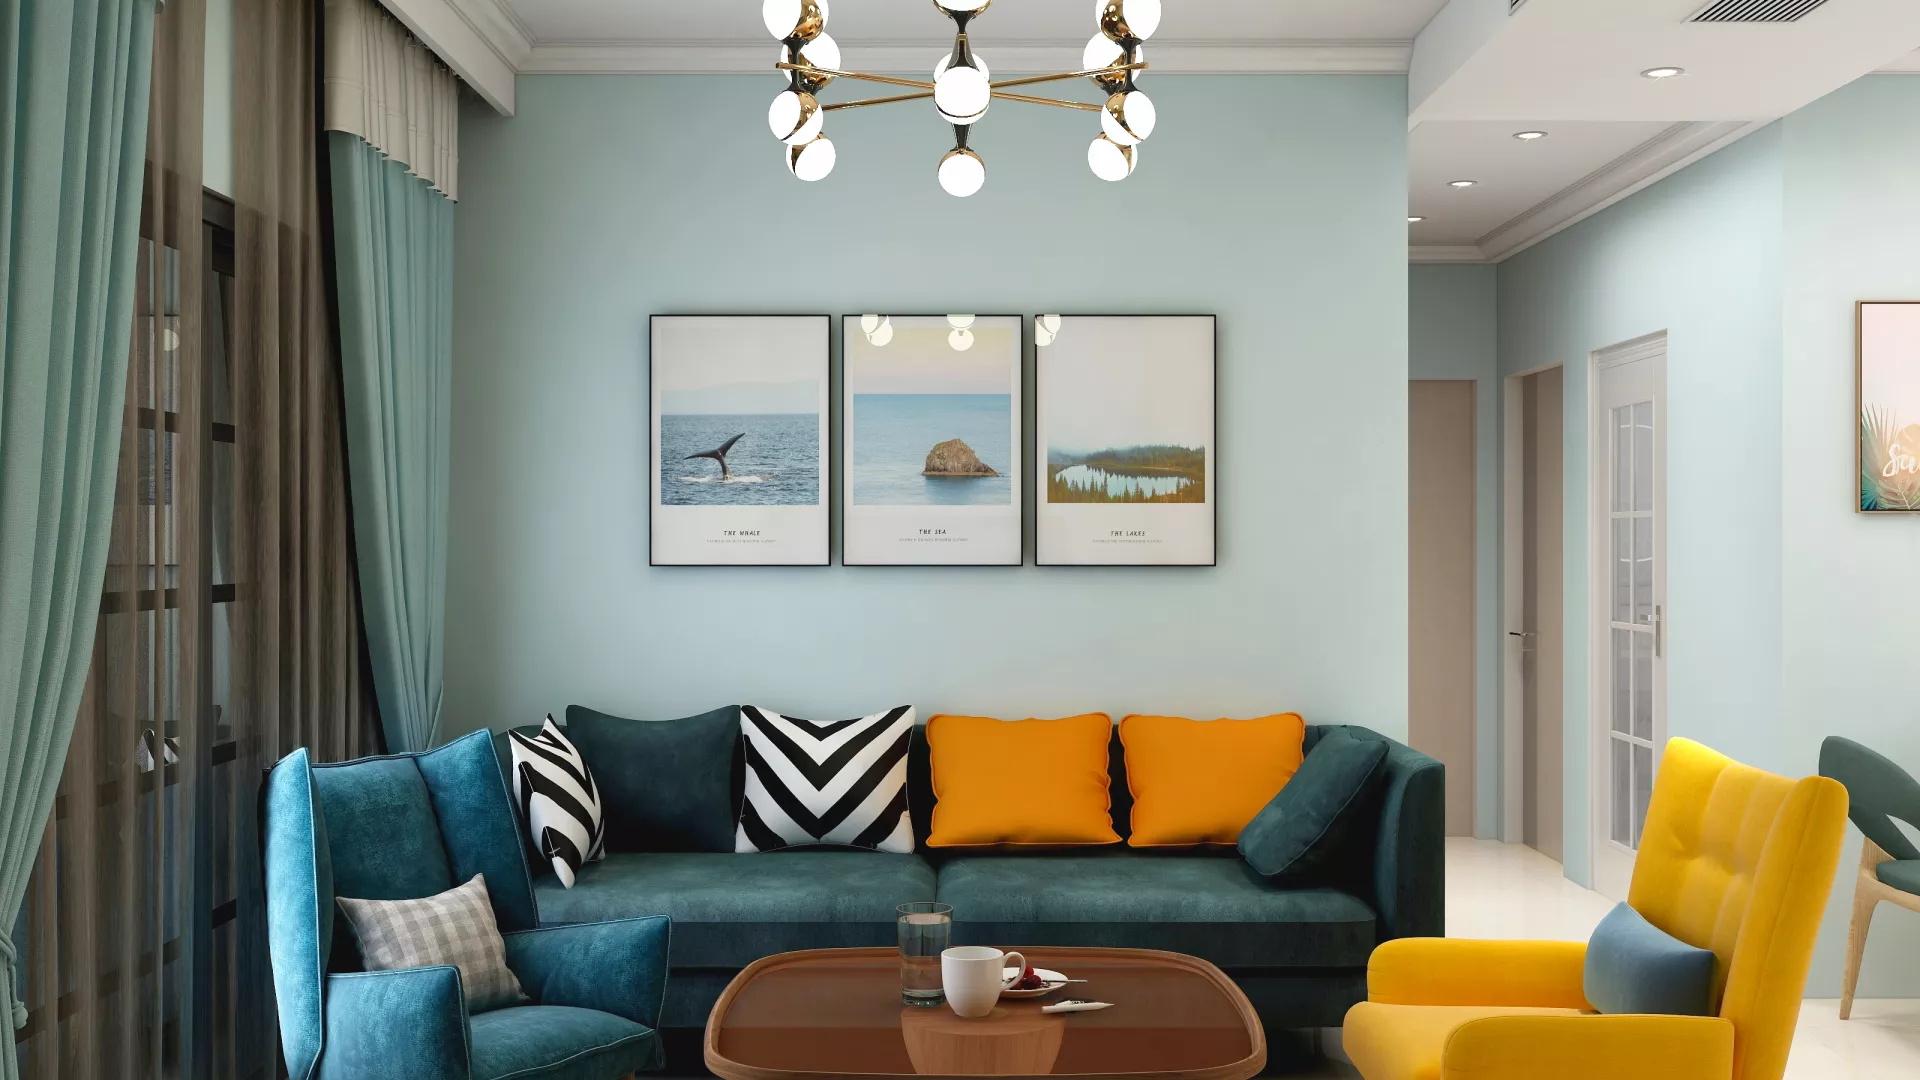 客厅挂什么壁画好?客厅壁画有什么讲究?